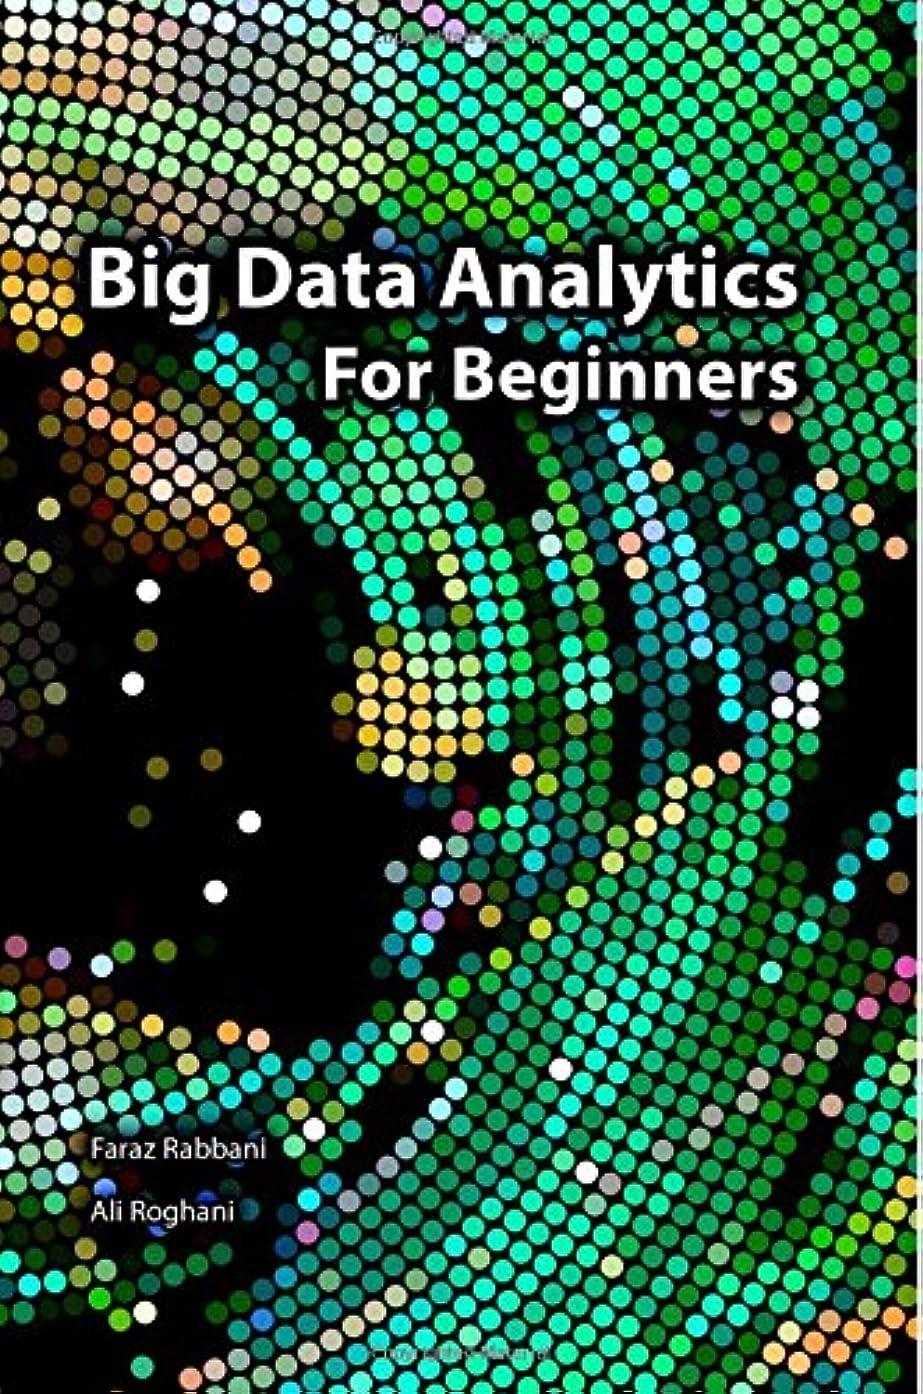 Big Data Analytics For Beginners